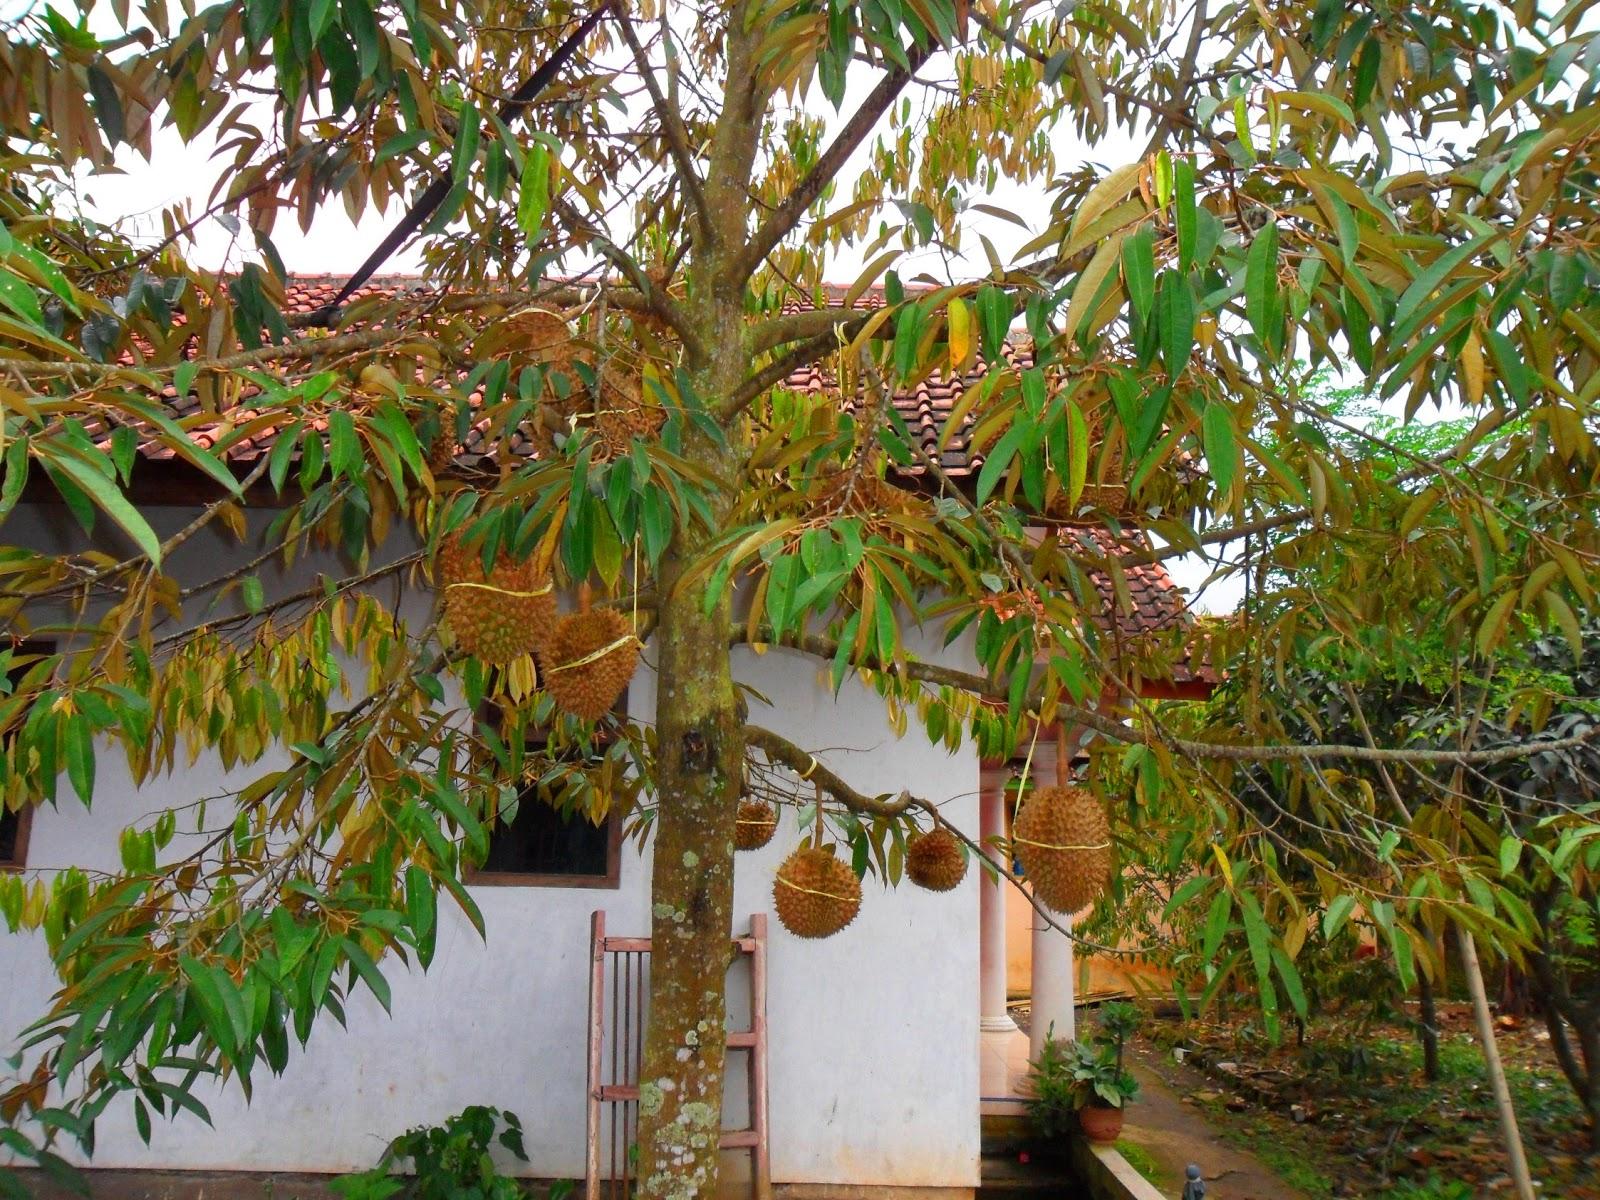 Koleksi Sketsa Gambar Pohon Durin Batang Besar Daun Lebat